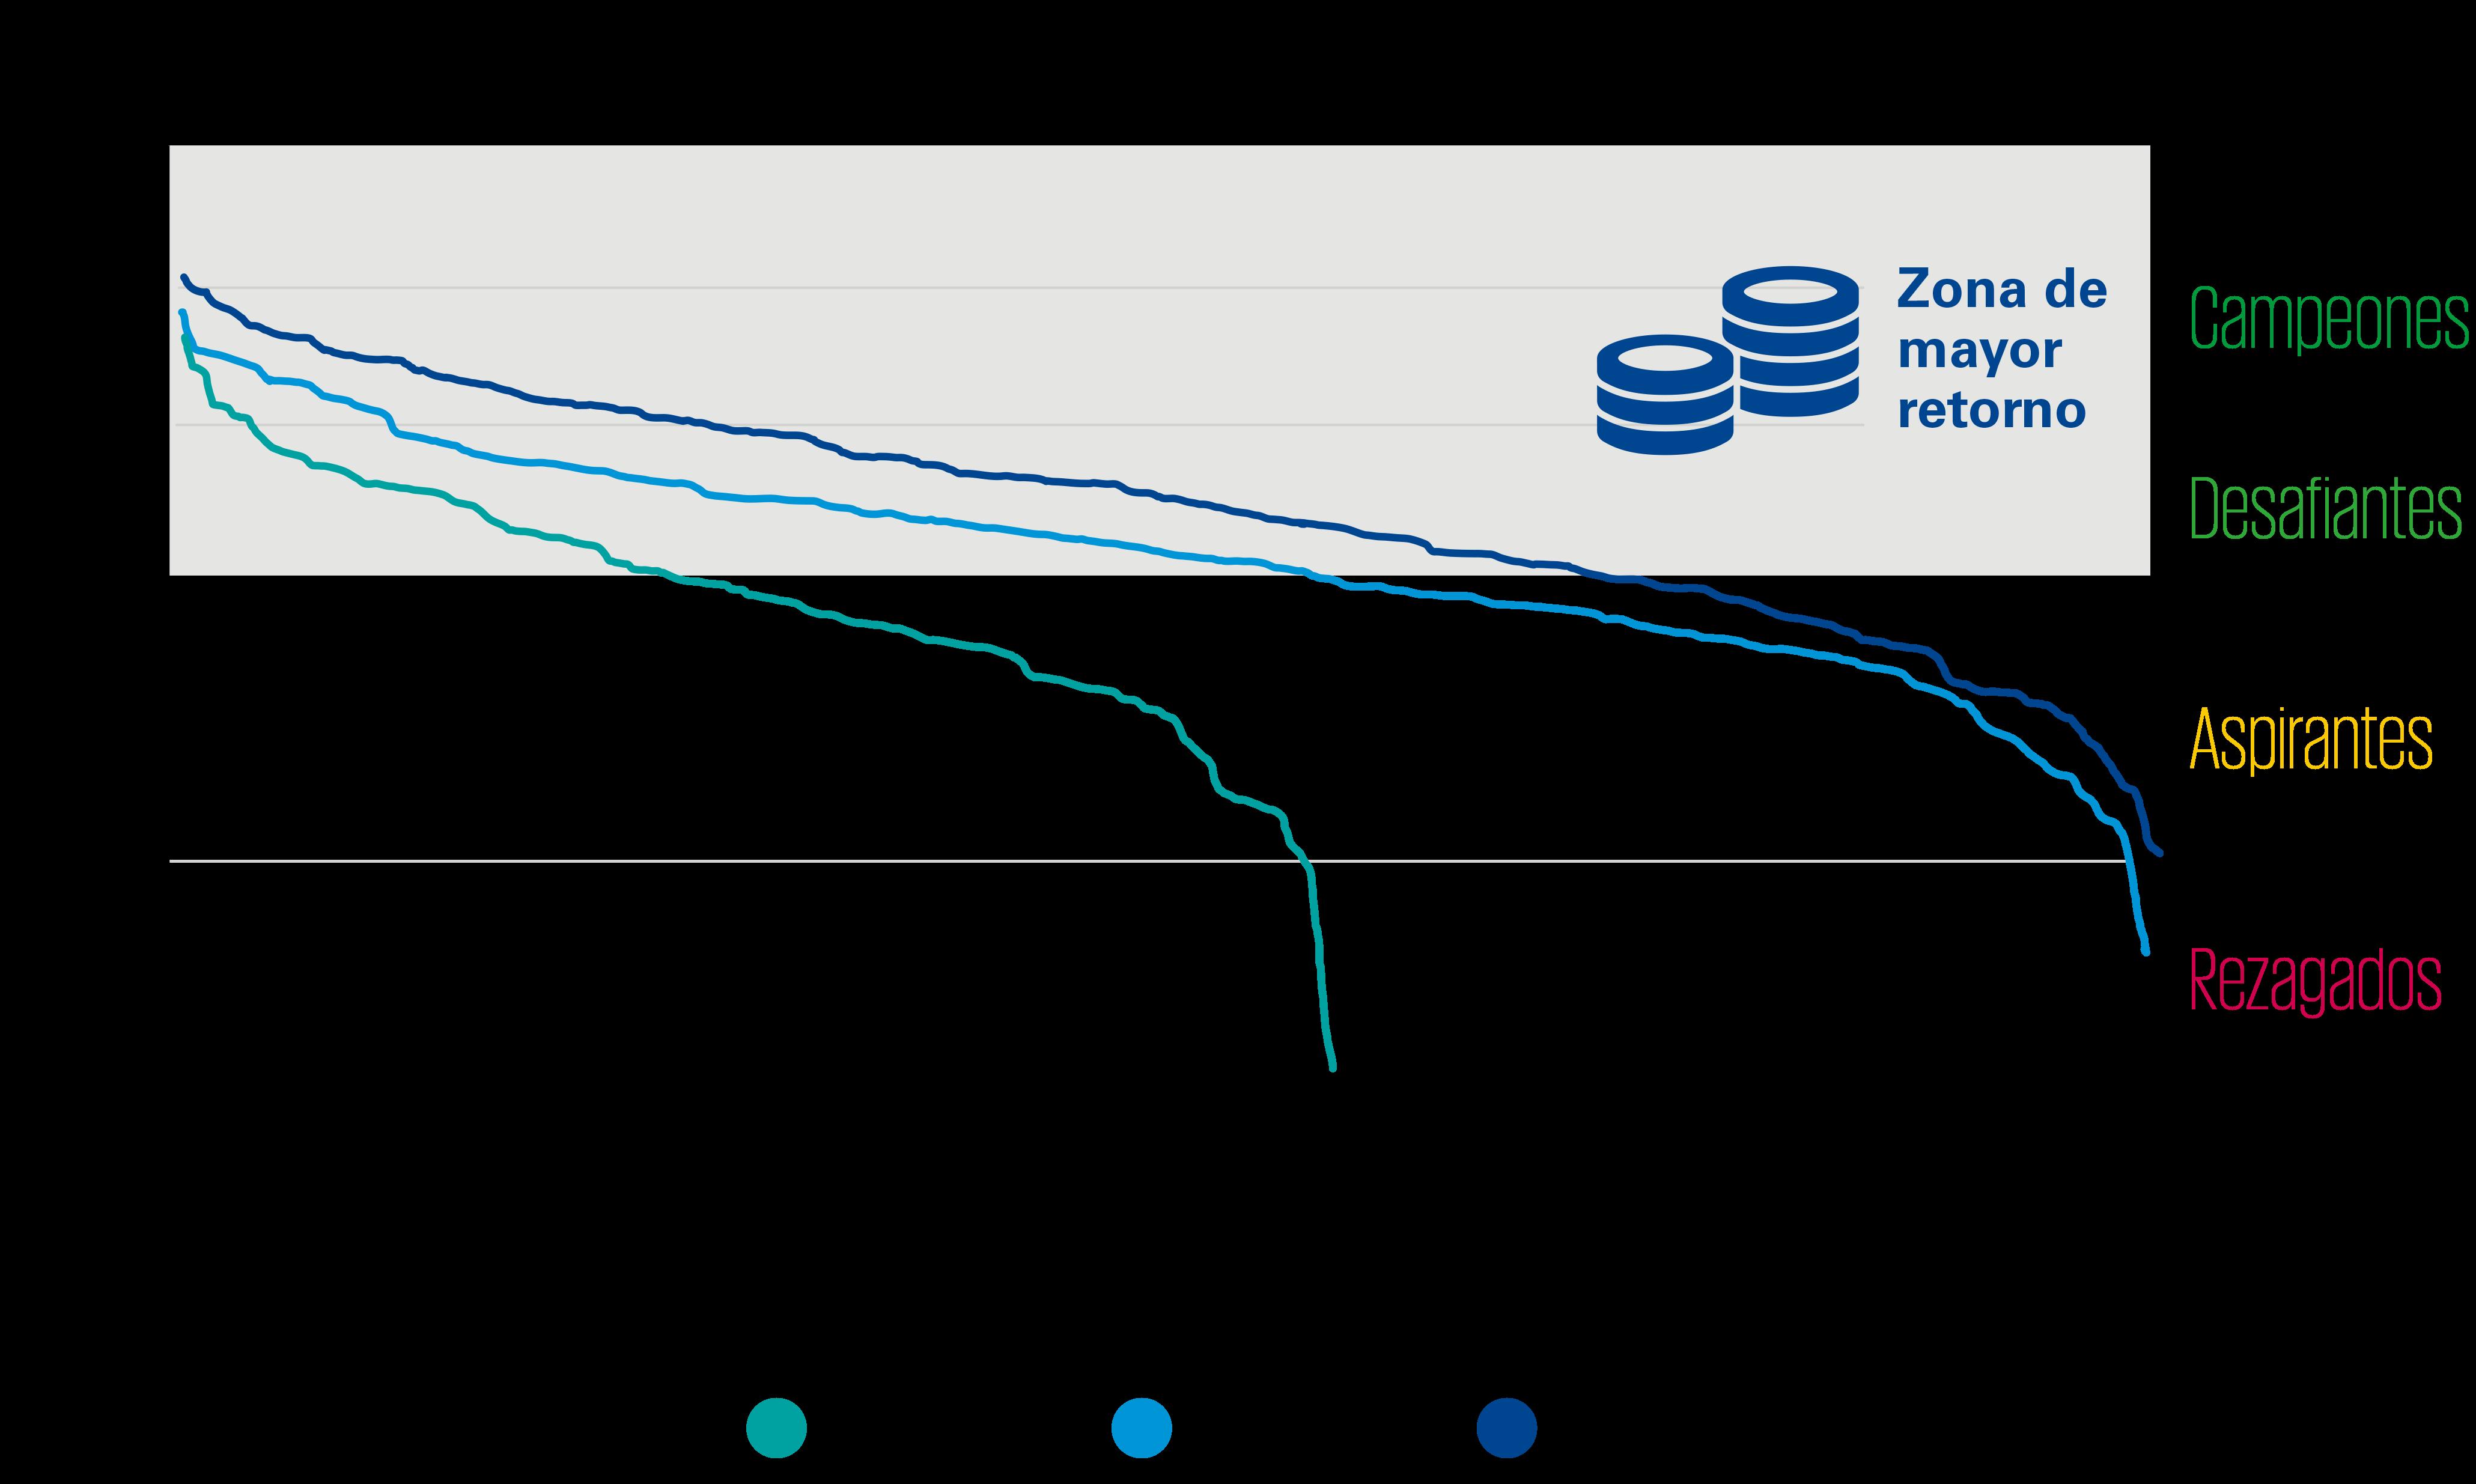 curva de excelencia en experiencia del cliente (cee), mexico 2020